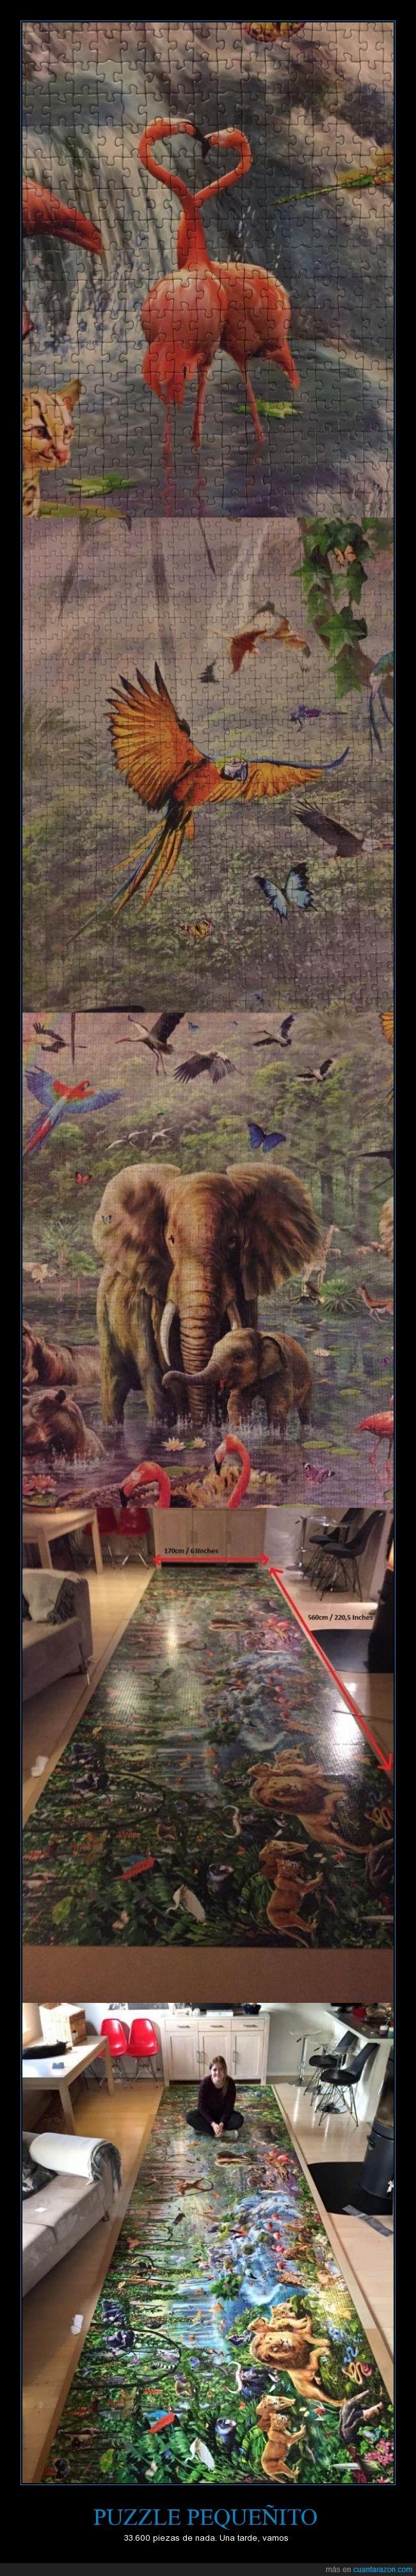 animales,paciencia,rompecabezas,si no me equivoco es el mas grande del mundo